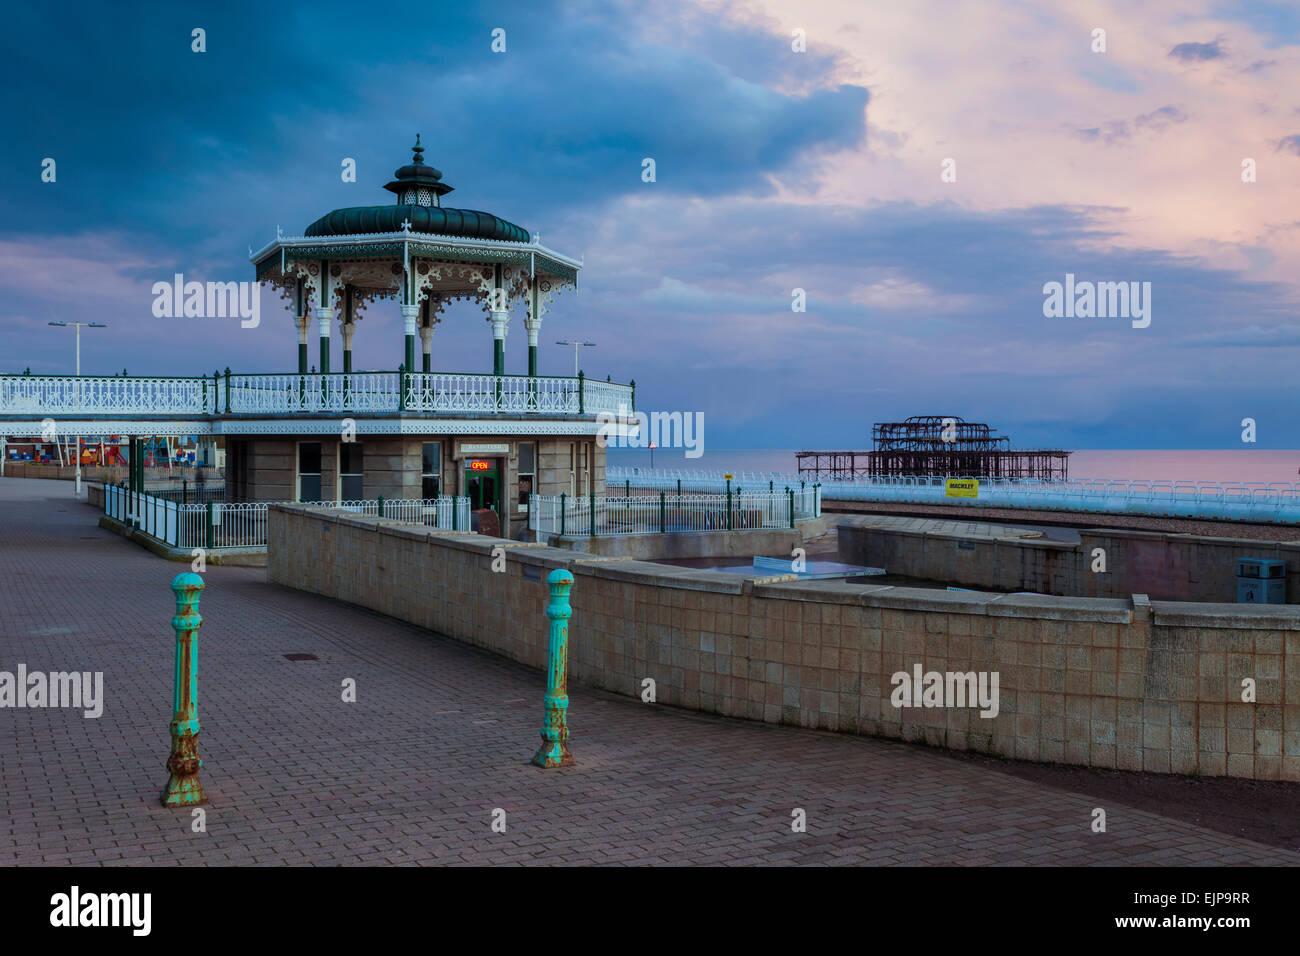 Noche en Brighton Seafront, East Sussex, Inglaterra. Imagen De Stock